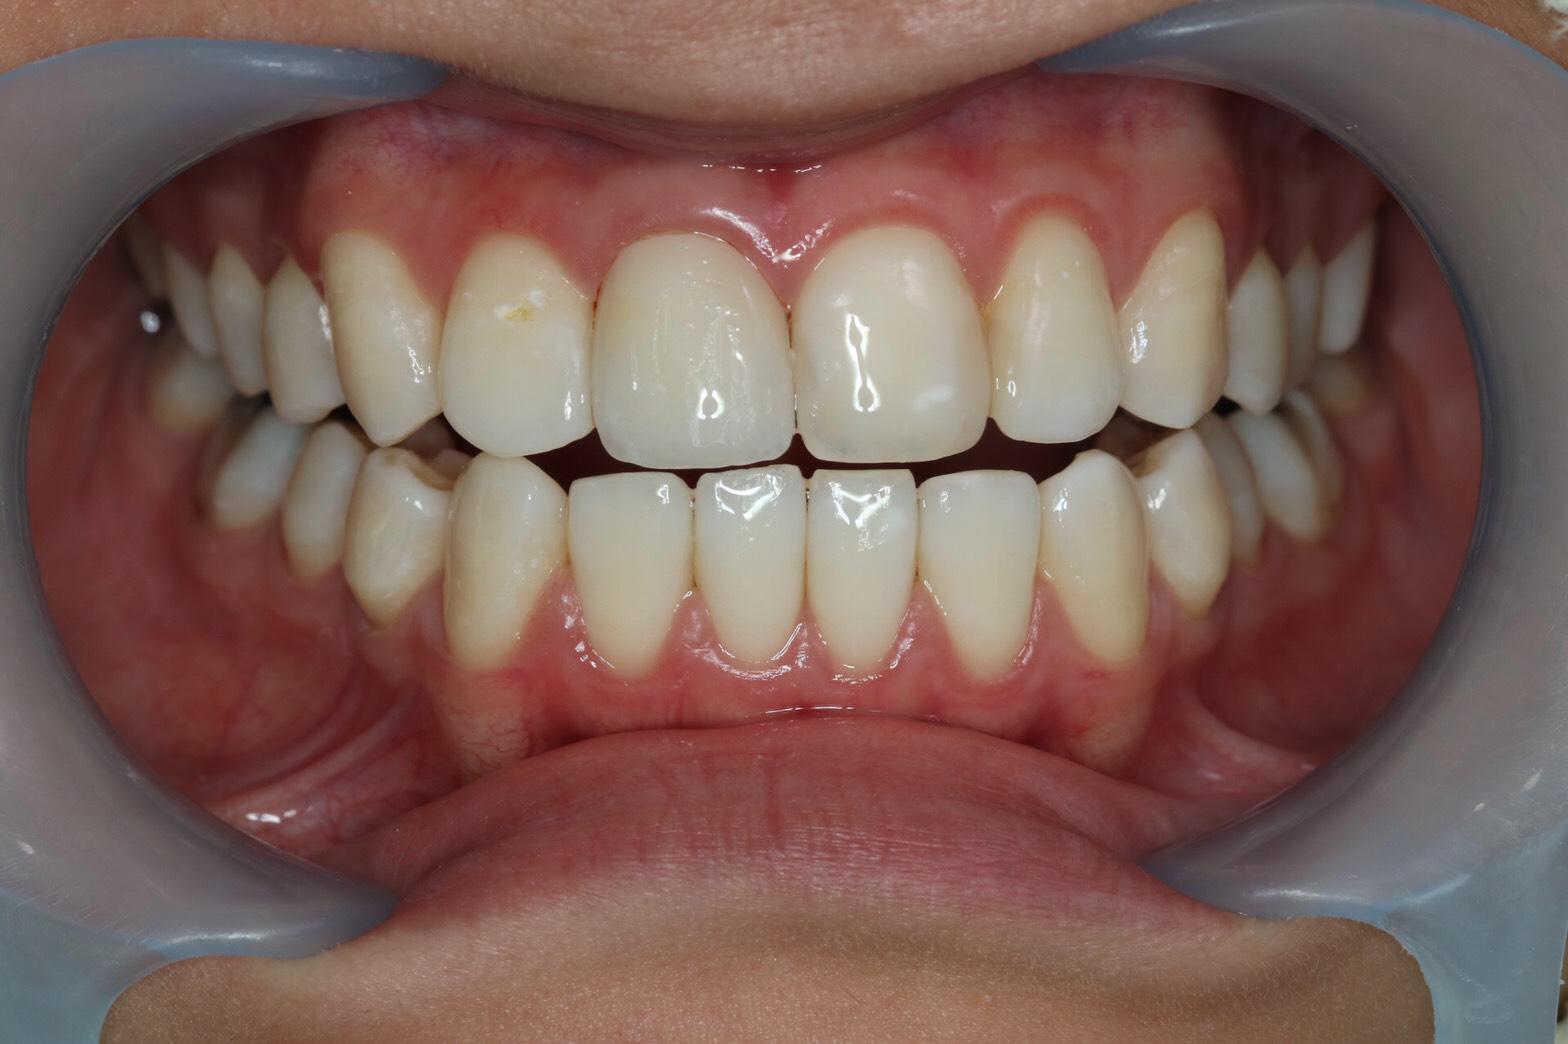 รักษารากฟันแล้วเปลี่ยนสี(Root canal treatment)ฟอกสีฟัน(bleaching)All ceramic crown (8)